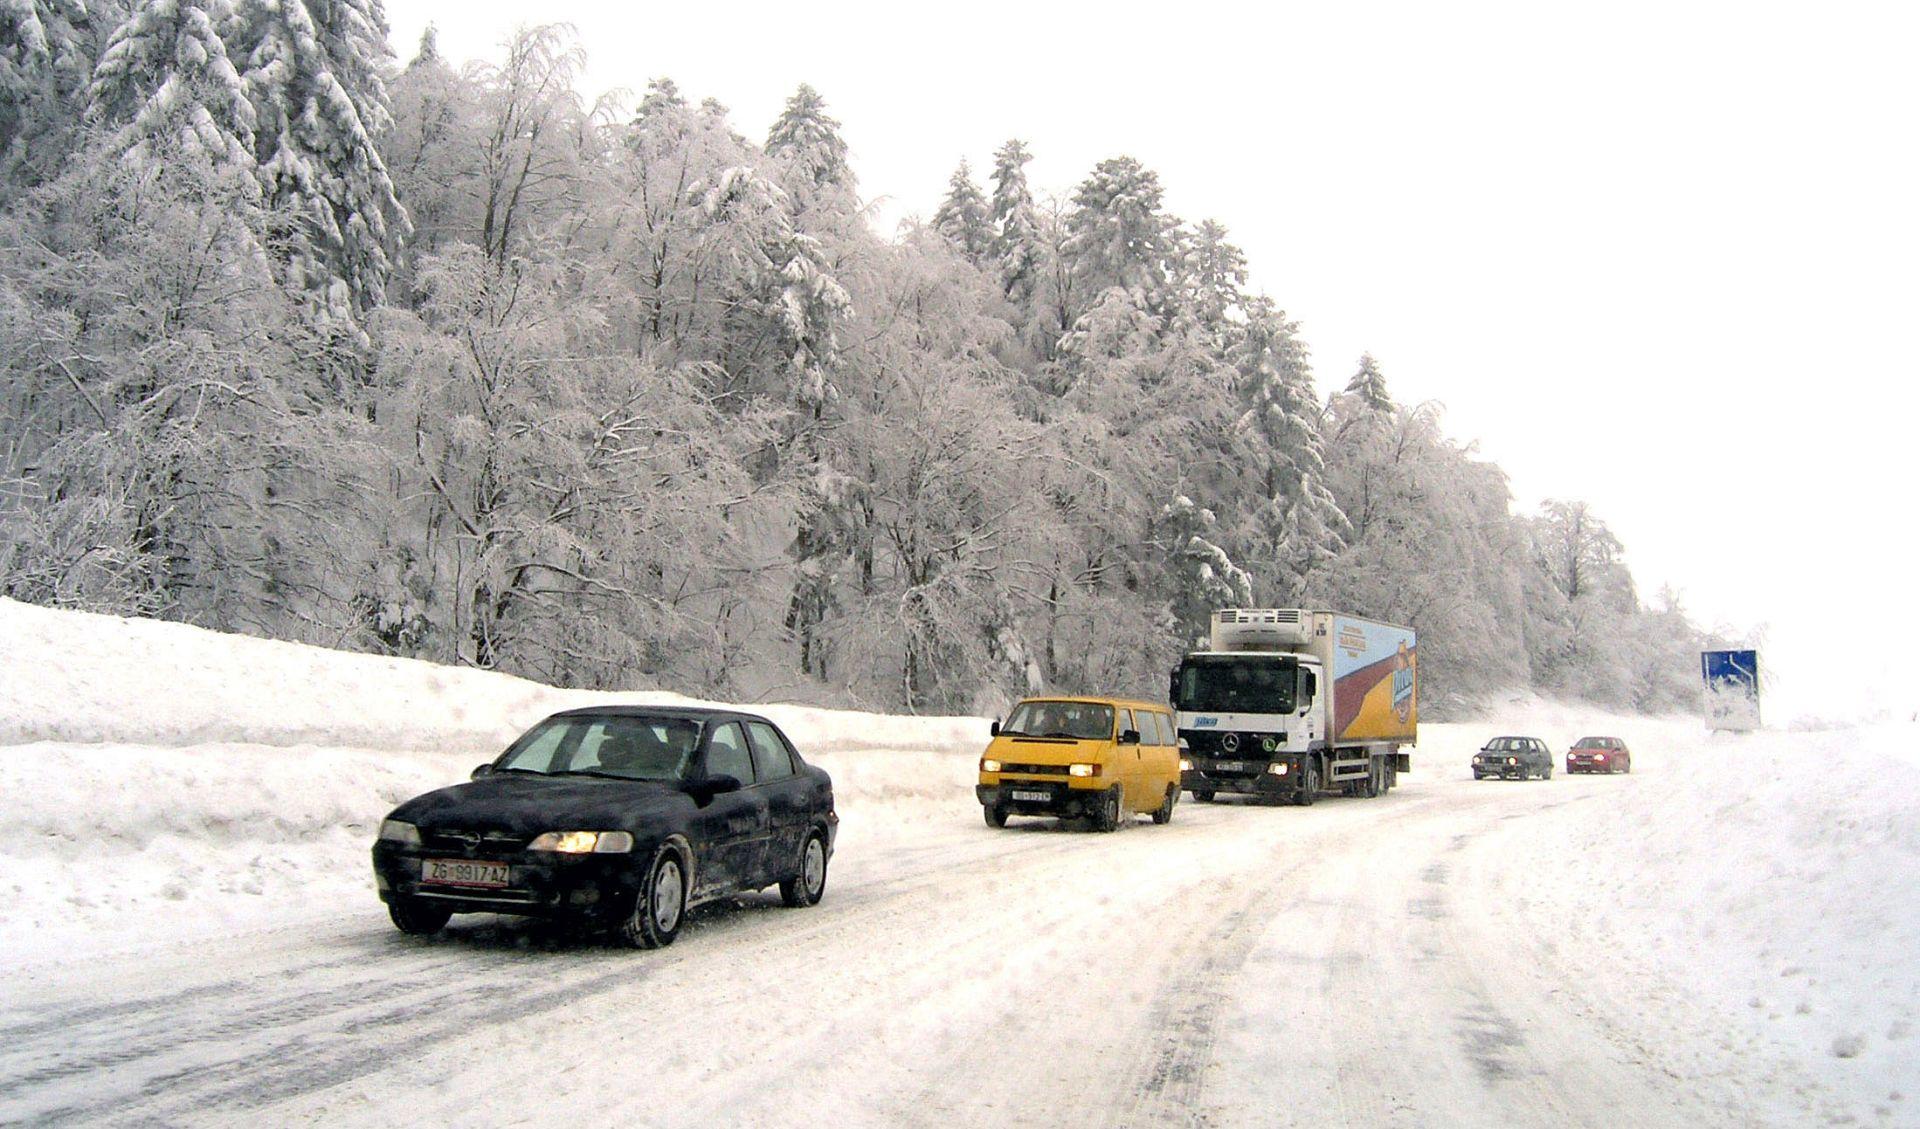 HAK: Dionice autocesta i Krčki i Paški otvoreni za sva vozila